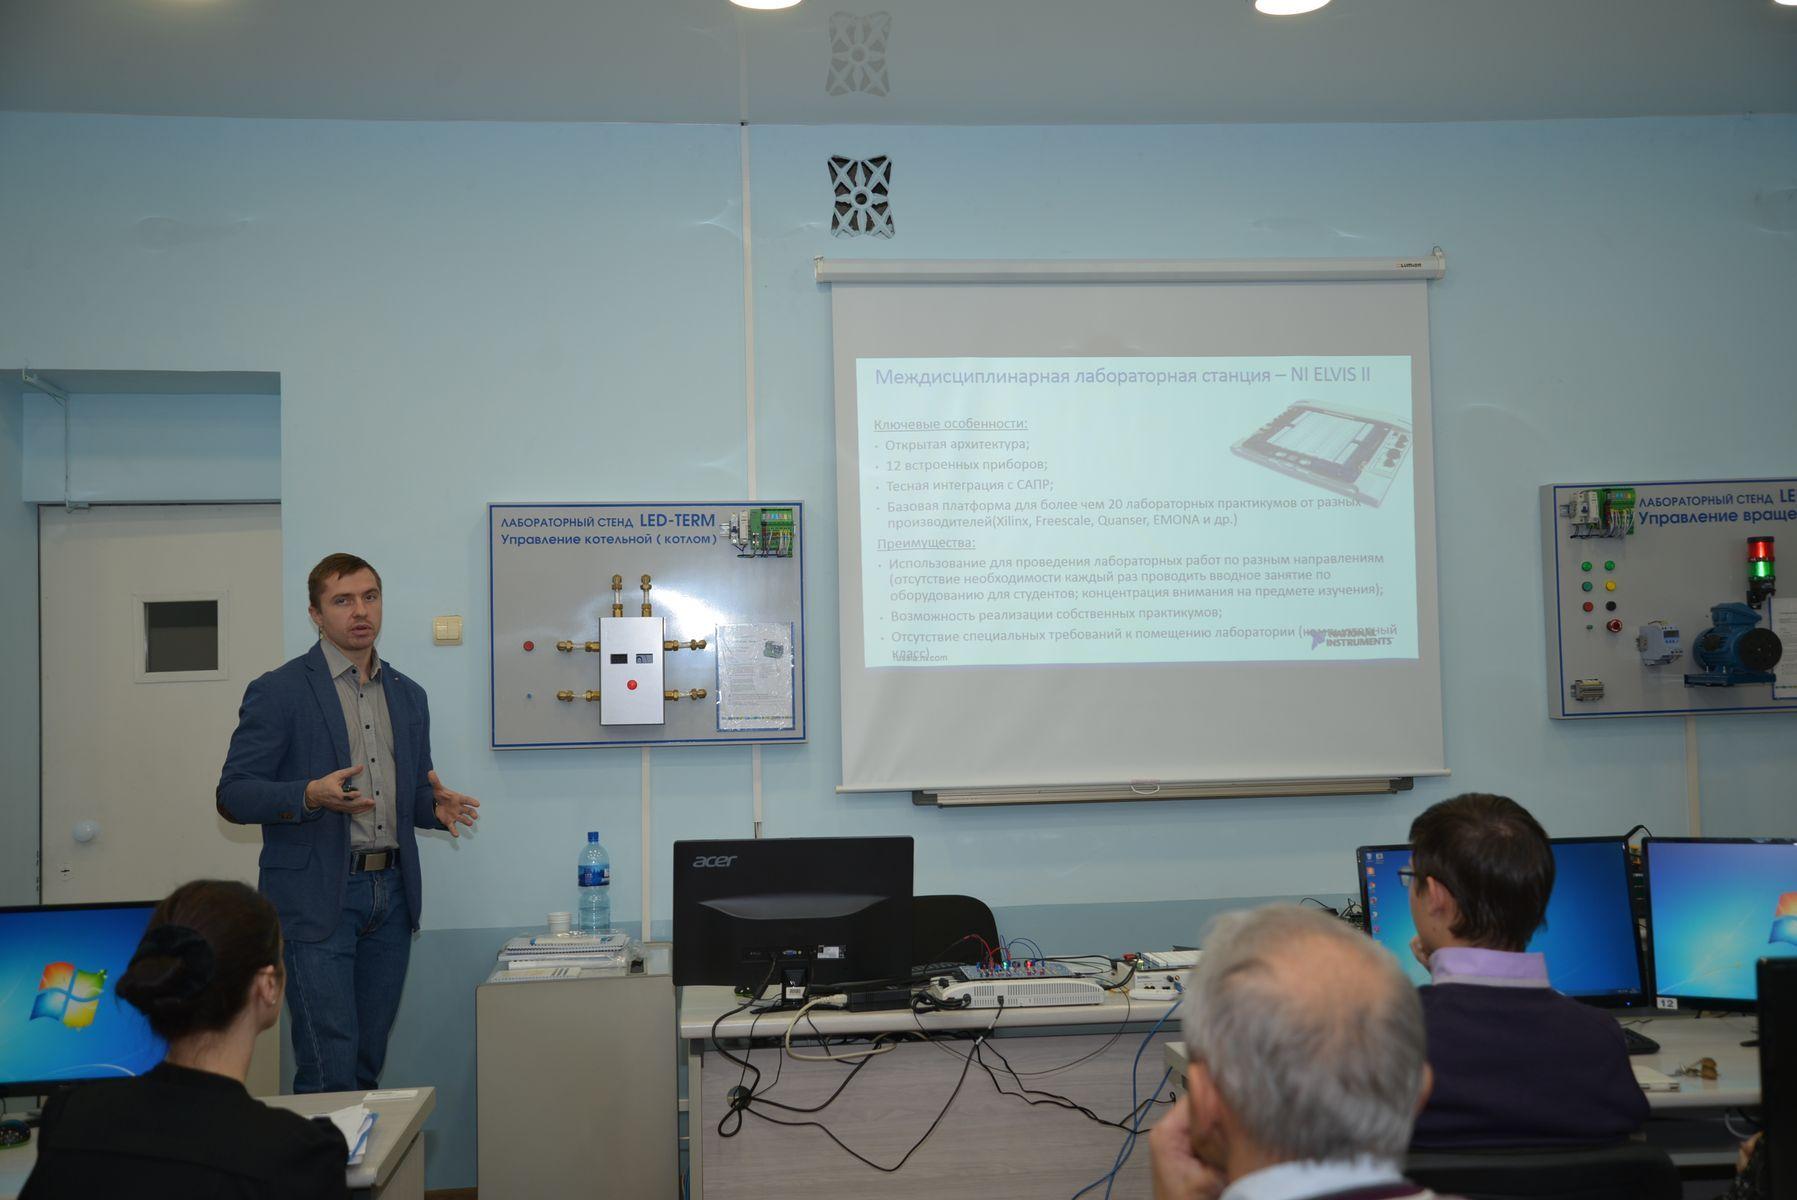 Во ВГУЭС прошла презентация современного технологического оборудования